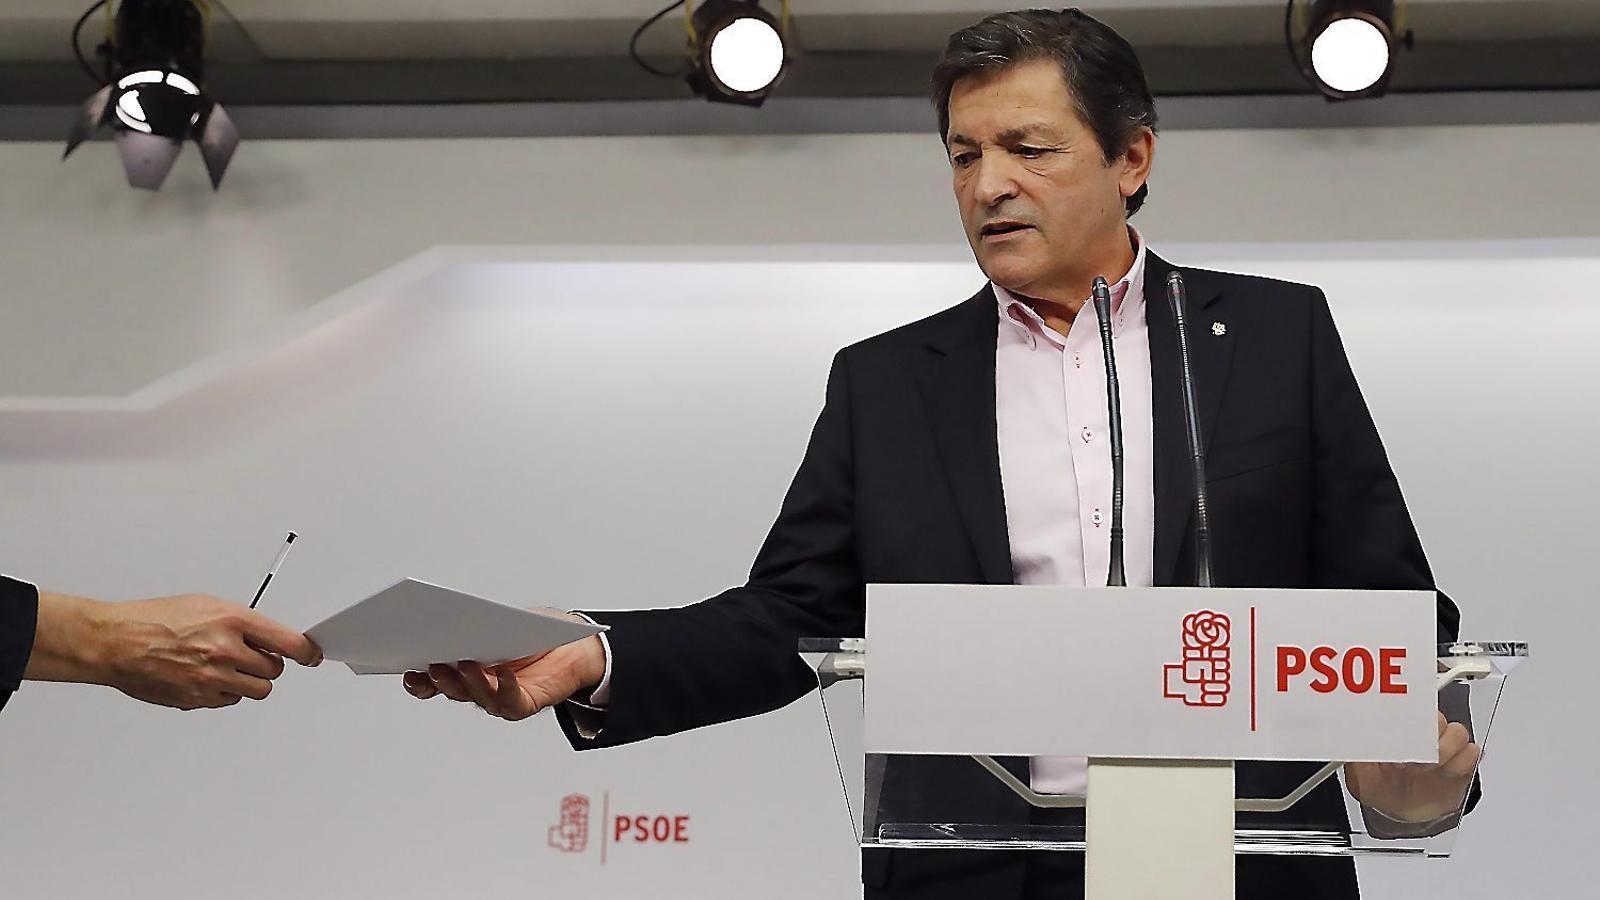 La gestora del PSOE dribla  els crítics i dilata el congrés